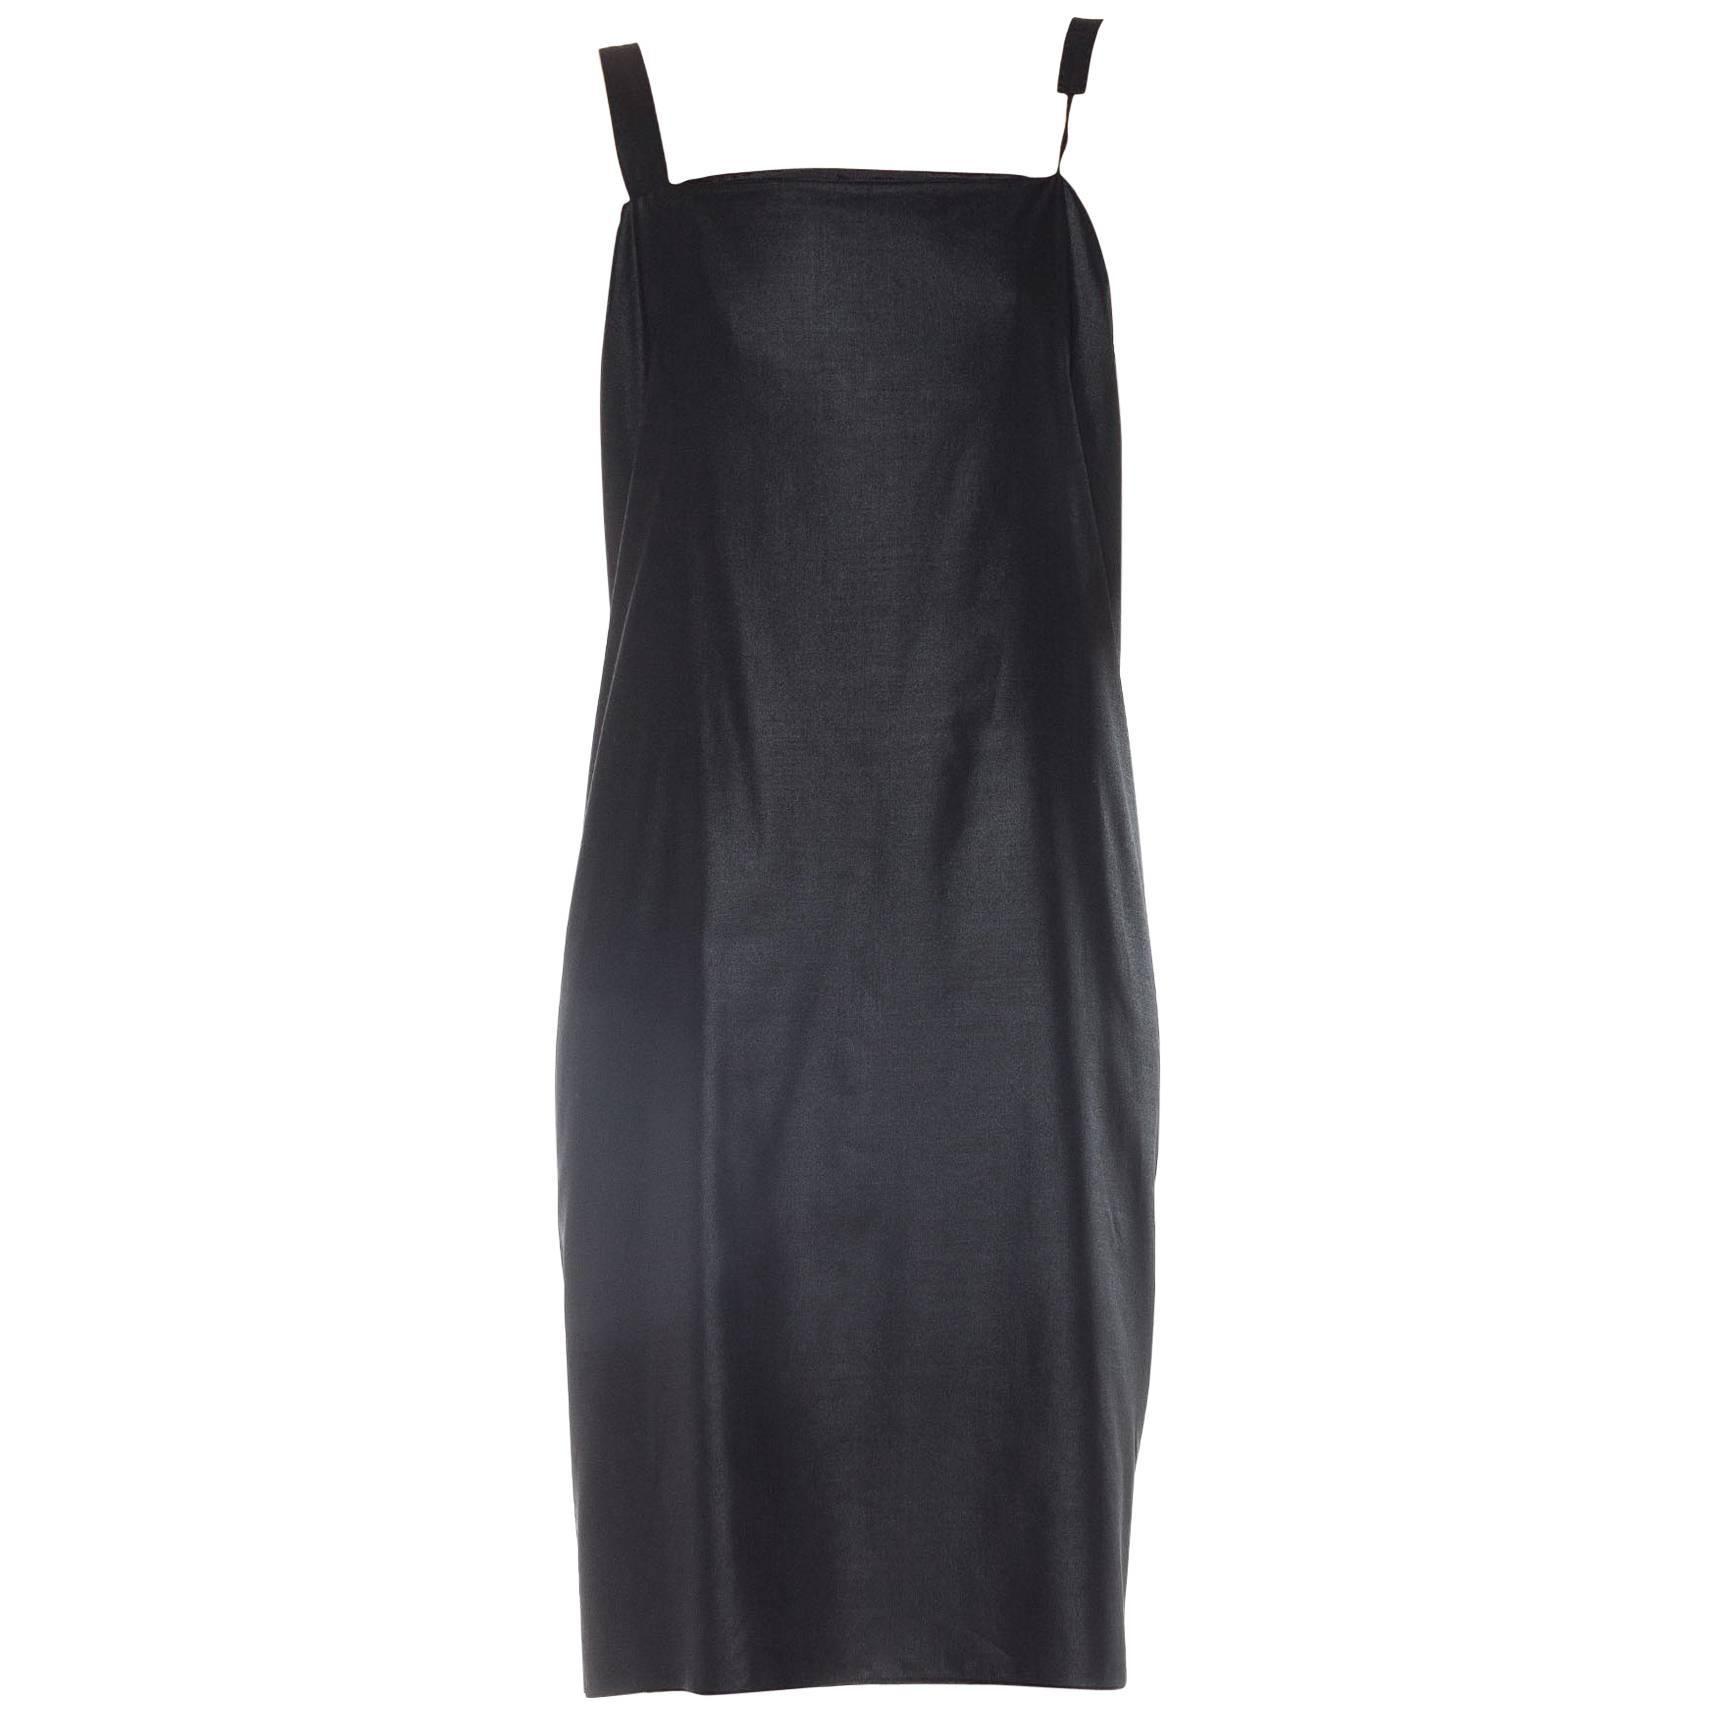 2000S JIL SANDER Black Metallic Cotton Asymmetrical Cocktail Dress Xxs